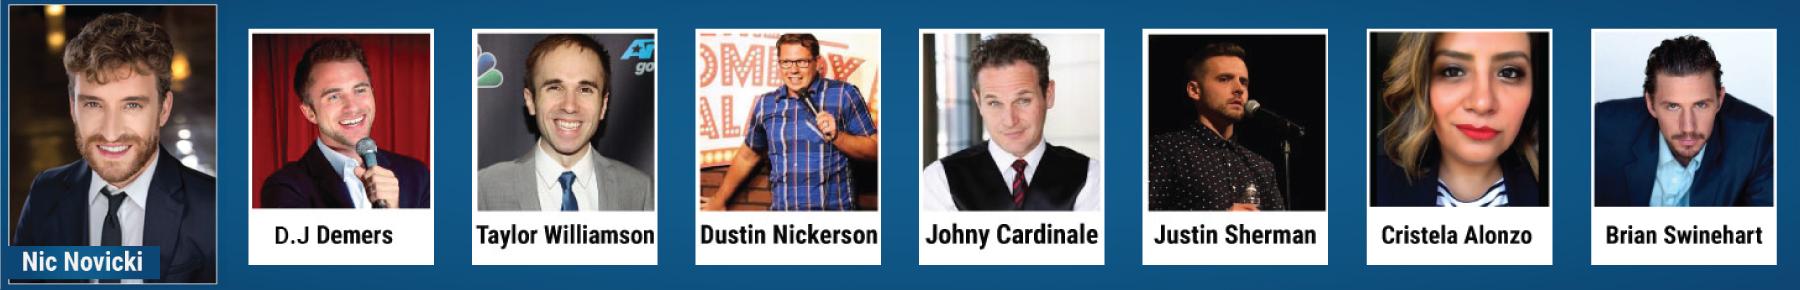 Comedian Lineup Banner